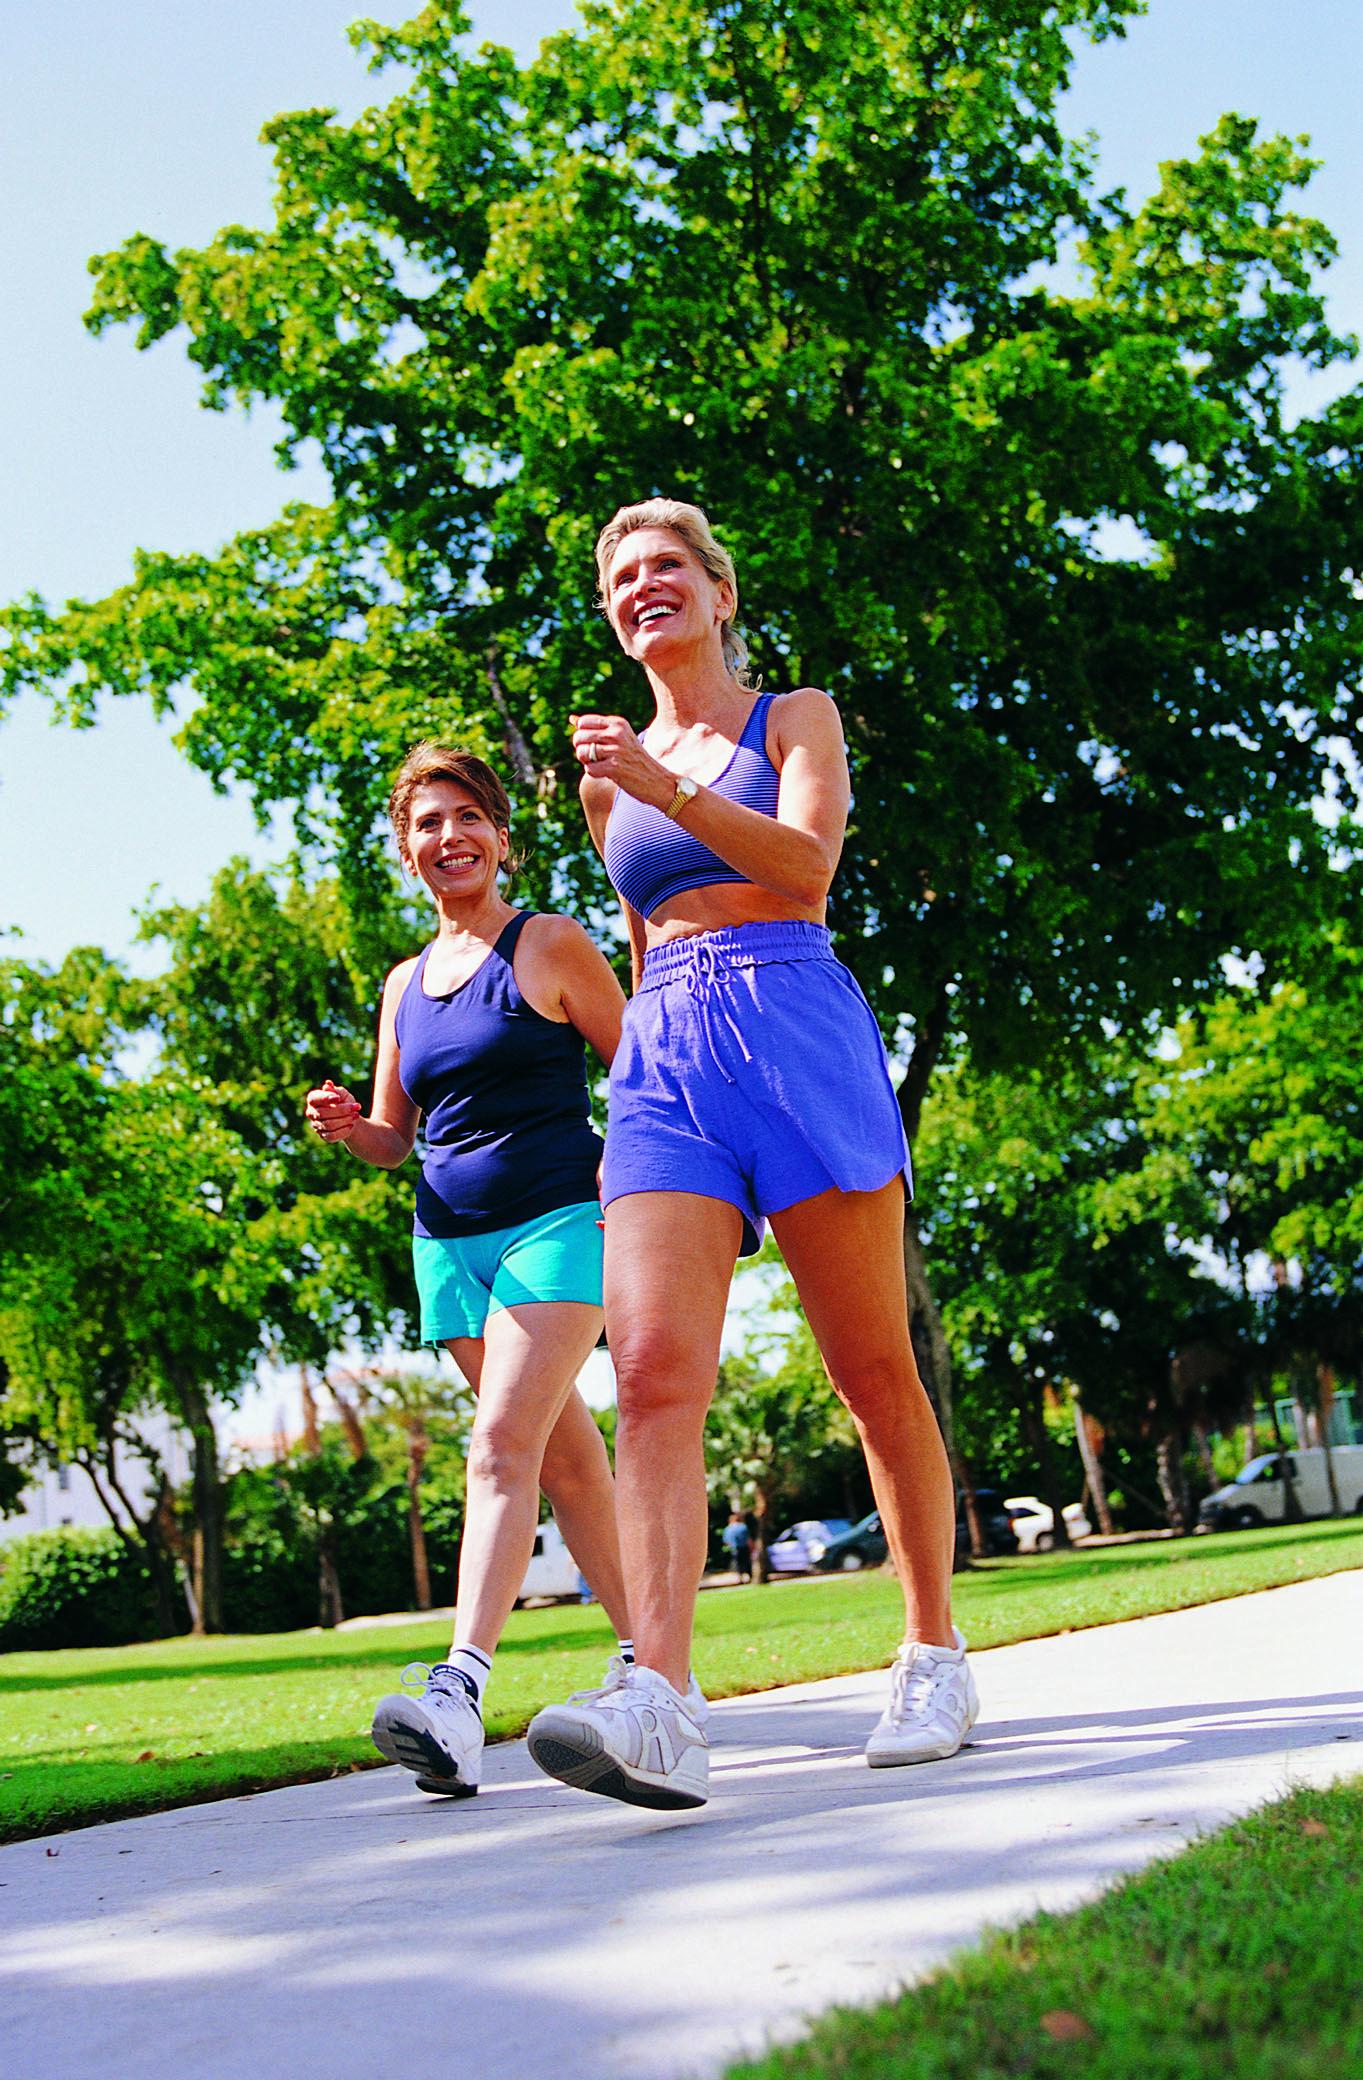 Caminhada ajuda a combater depressão, diz estudo. #fitness #caminhada